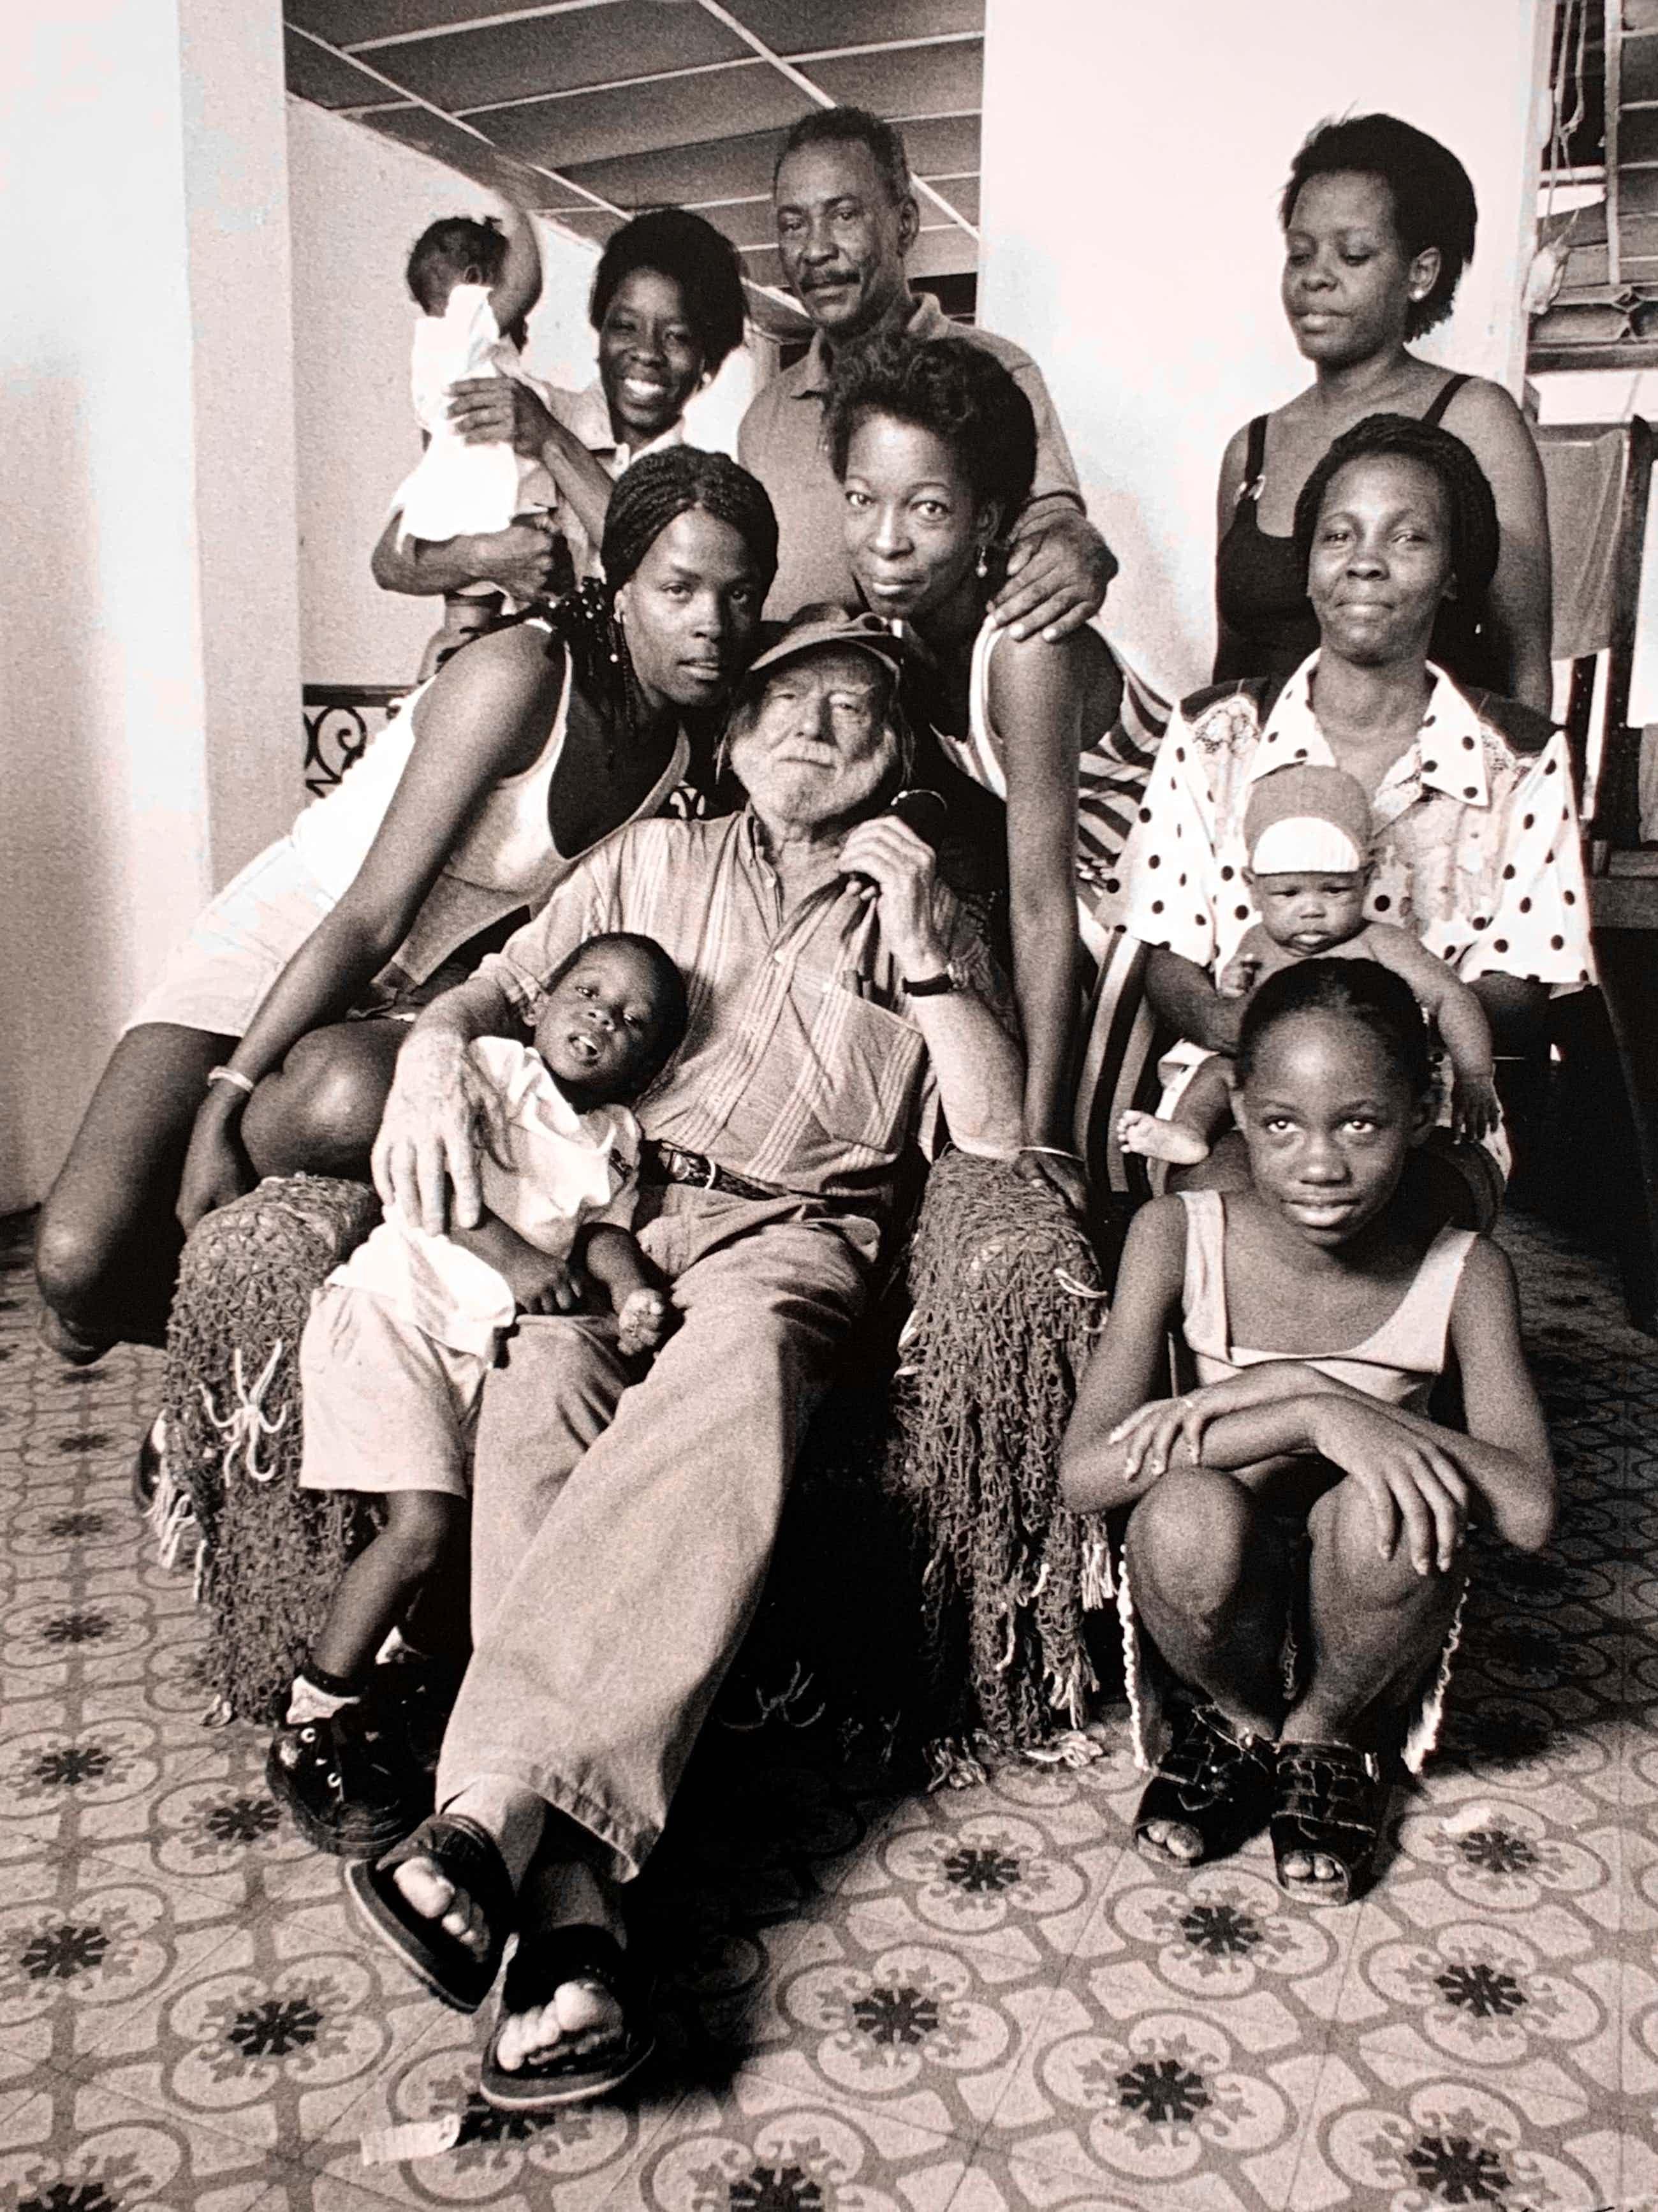 Nico Koster - handgesigneerde foto   'Corneille temidden van Cubaanse familie'   1999 kopen? Bied vanaf 70!